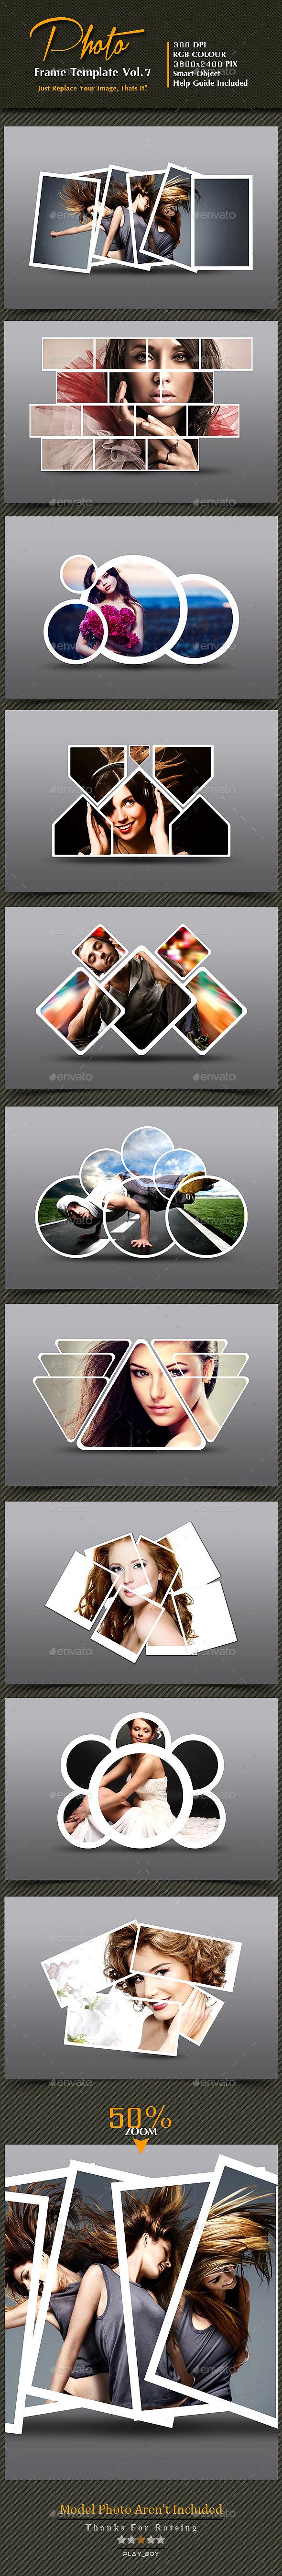 GraphicRiver Photo Frame Templates Vol 7 10146062